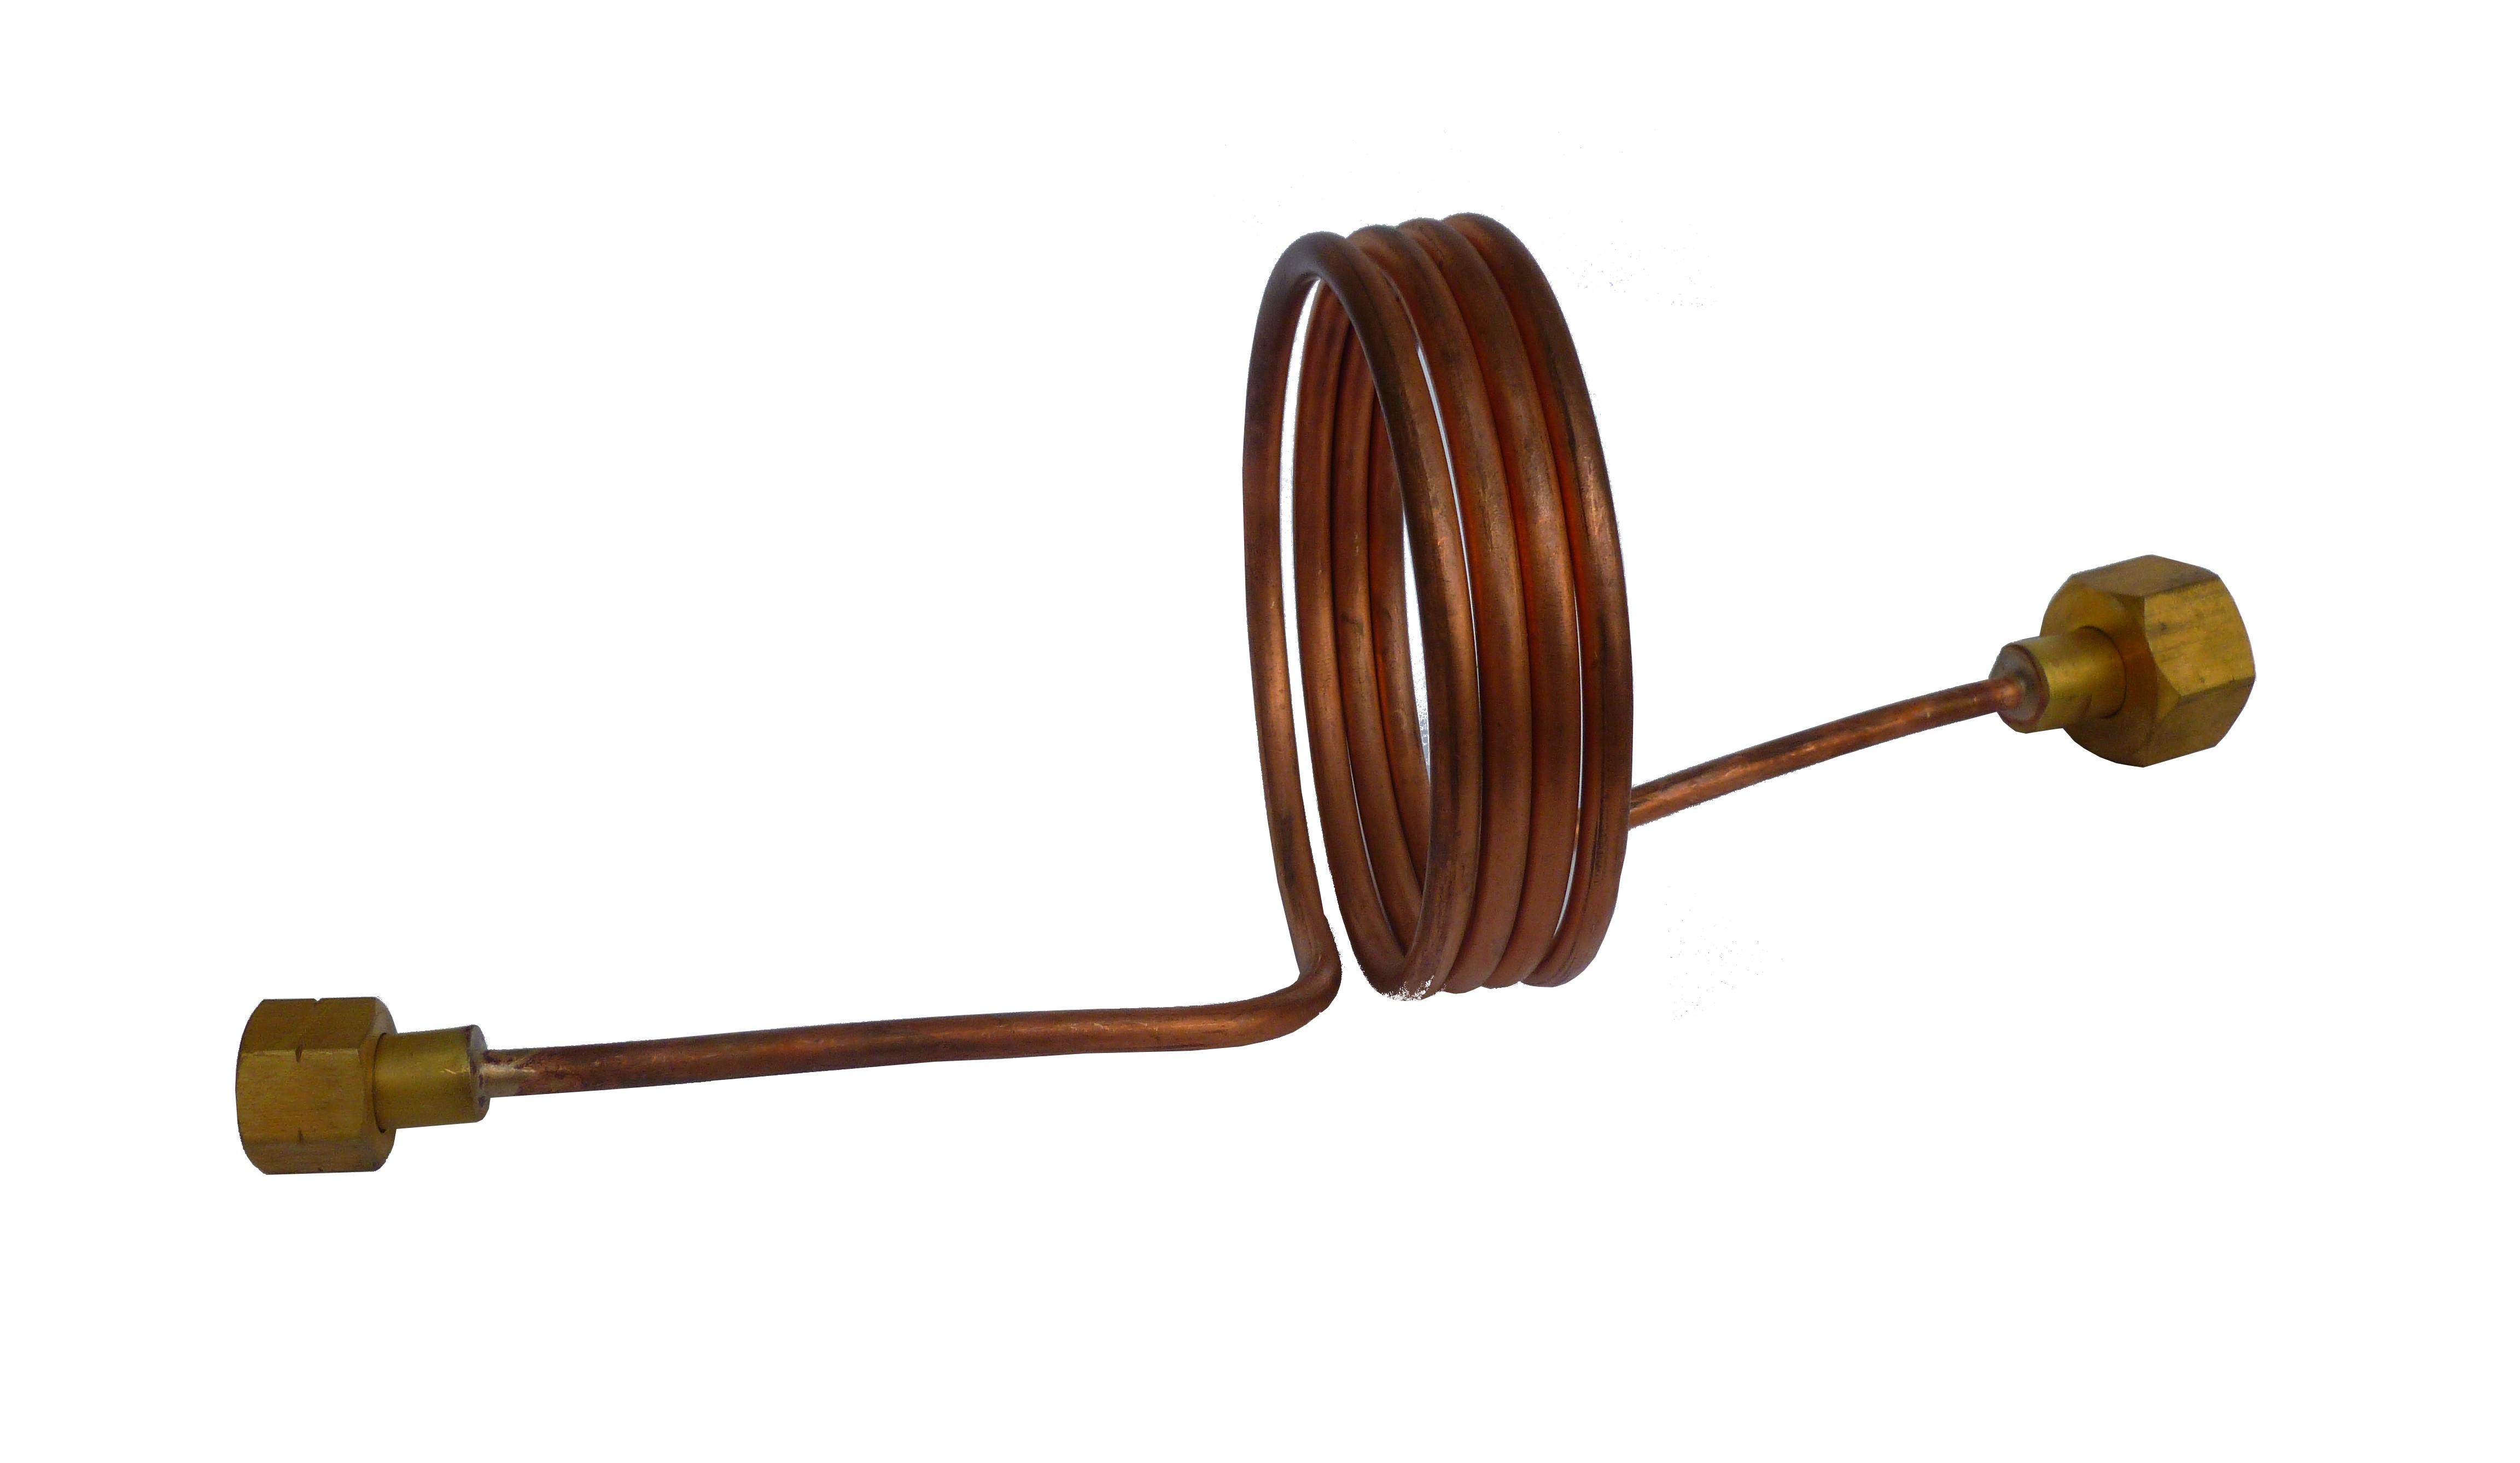 змеевик рамповый 3,4-м16х1,5 лев